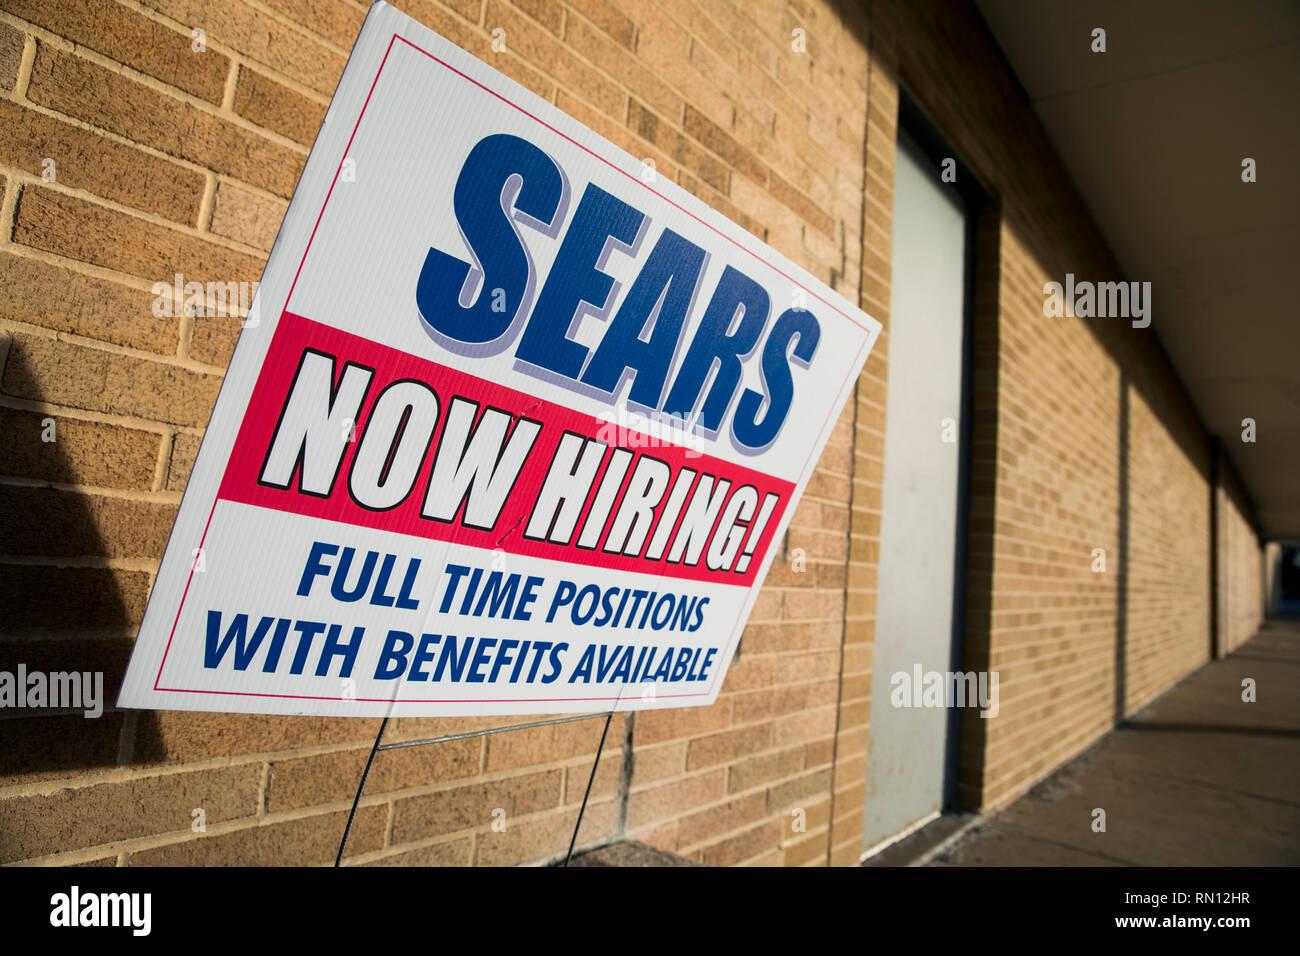 Job Wanted Stock Photos & Job Wanted Stock Images - Alamy